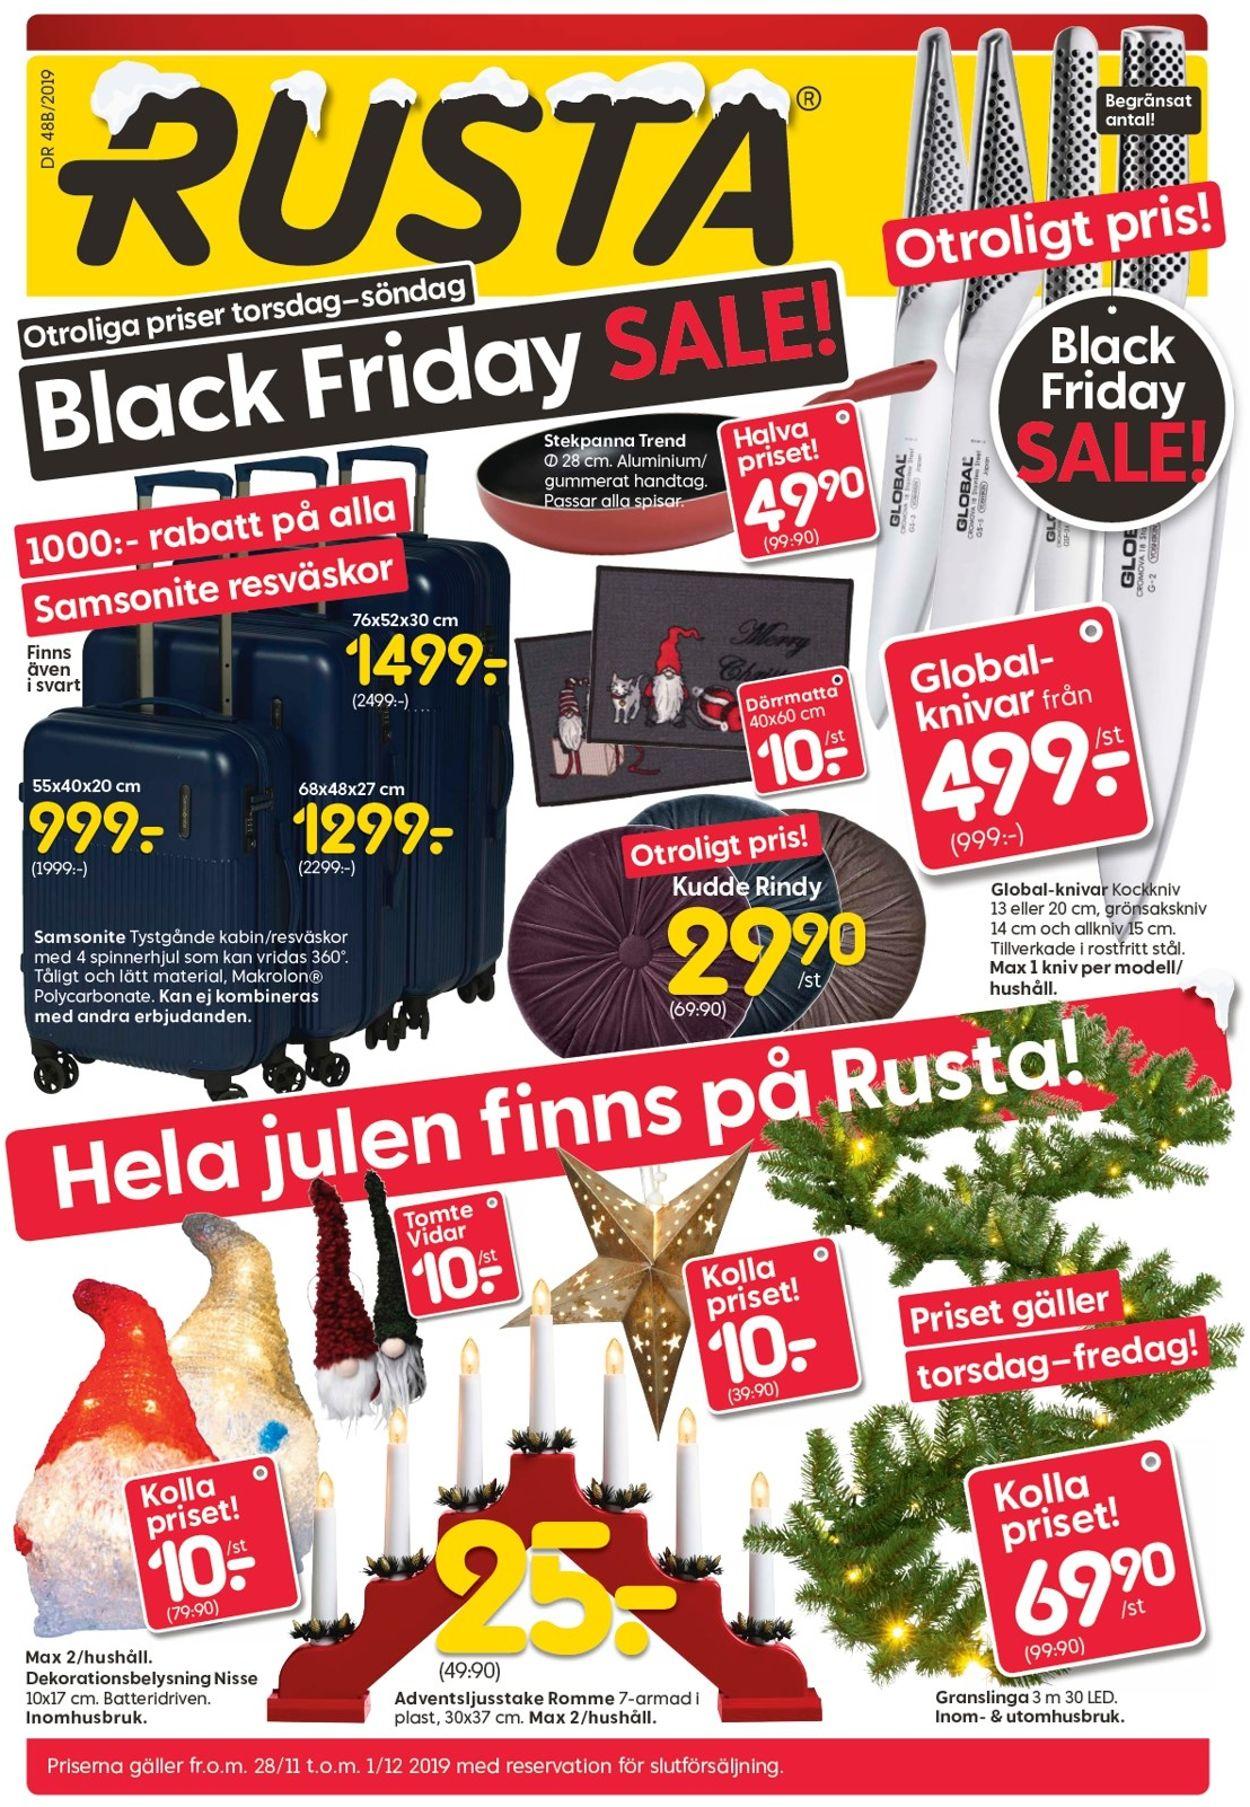 Rusta Black Friday 2019 - Reklamblad - 28/11-01/12-2019